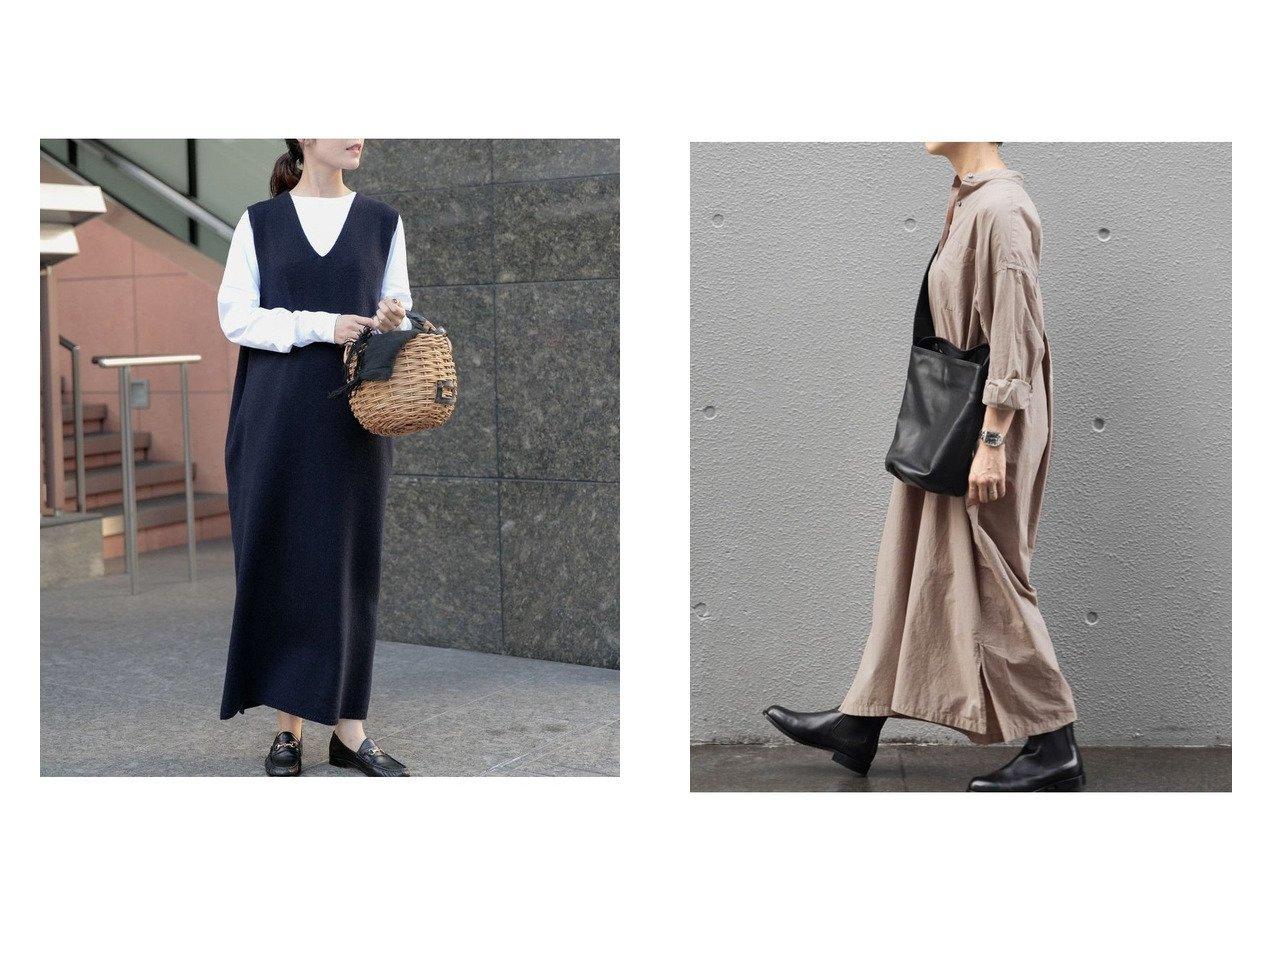 【kagure/かぐれ】のハミルトンウールニットワンピース&コットンシルクシャツワンピース ワンピース・ドレスのおすすめ!人気、トレンド・レディースファッションの通販  おすすめで人気の流行・トレンド、ファッションの通販商品 メンズファッション・キッズファッション・インテリア・家具・レディースファッション・服の通販 founy(ファニー) https://founy.com/ ファッション Fashion レディースファッション WOMEN ワンピース Dress ニットワンピース Knit Dresses シャツワンピース Shirt Dresses インナー カットソー スタンダード スリット タートル ロング シルク シンプル ワイド 人気 |ID:crp329100000010172